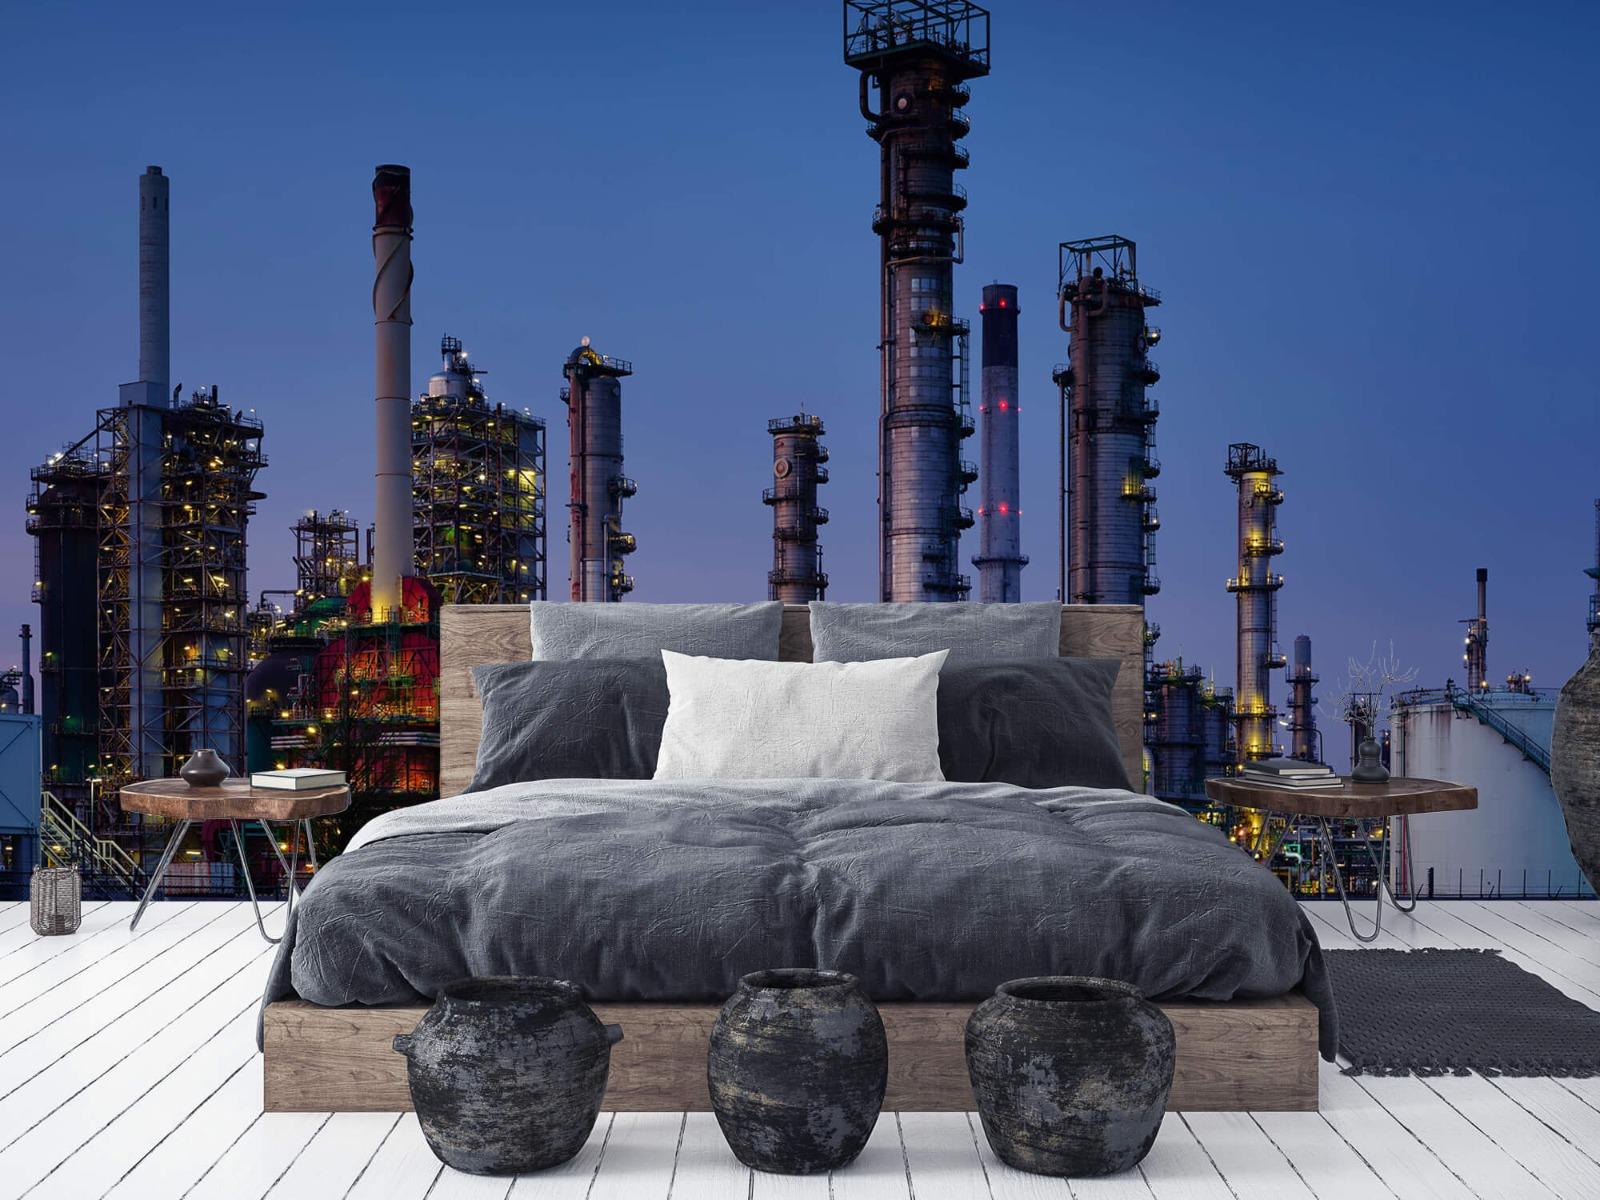 Steden behang - Industrie Botlek - Hobbykamer 5